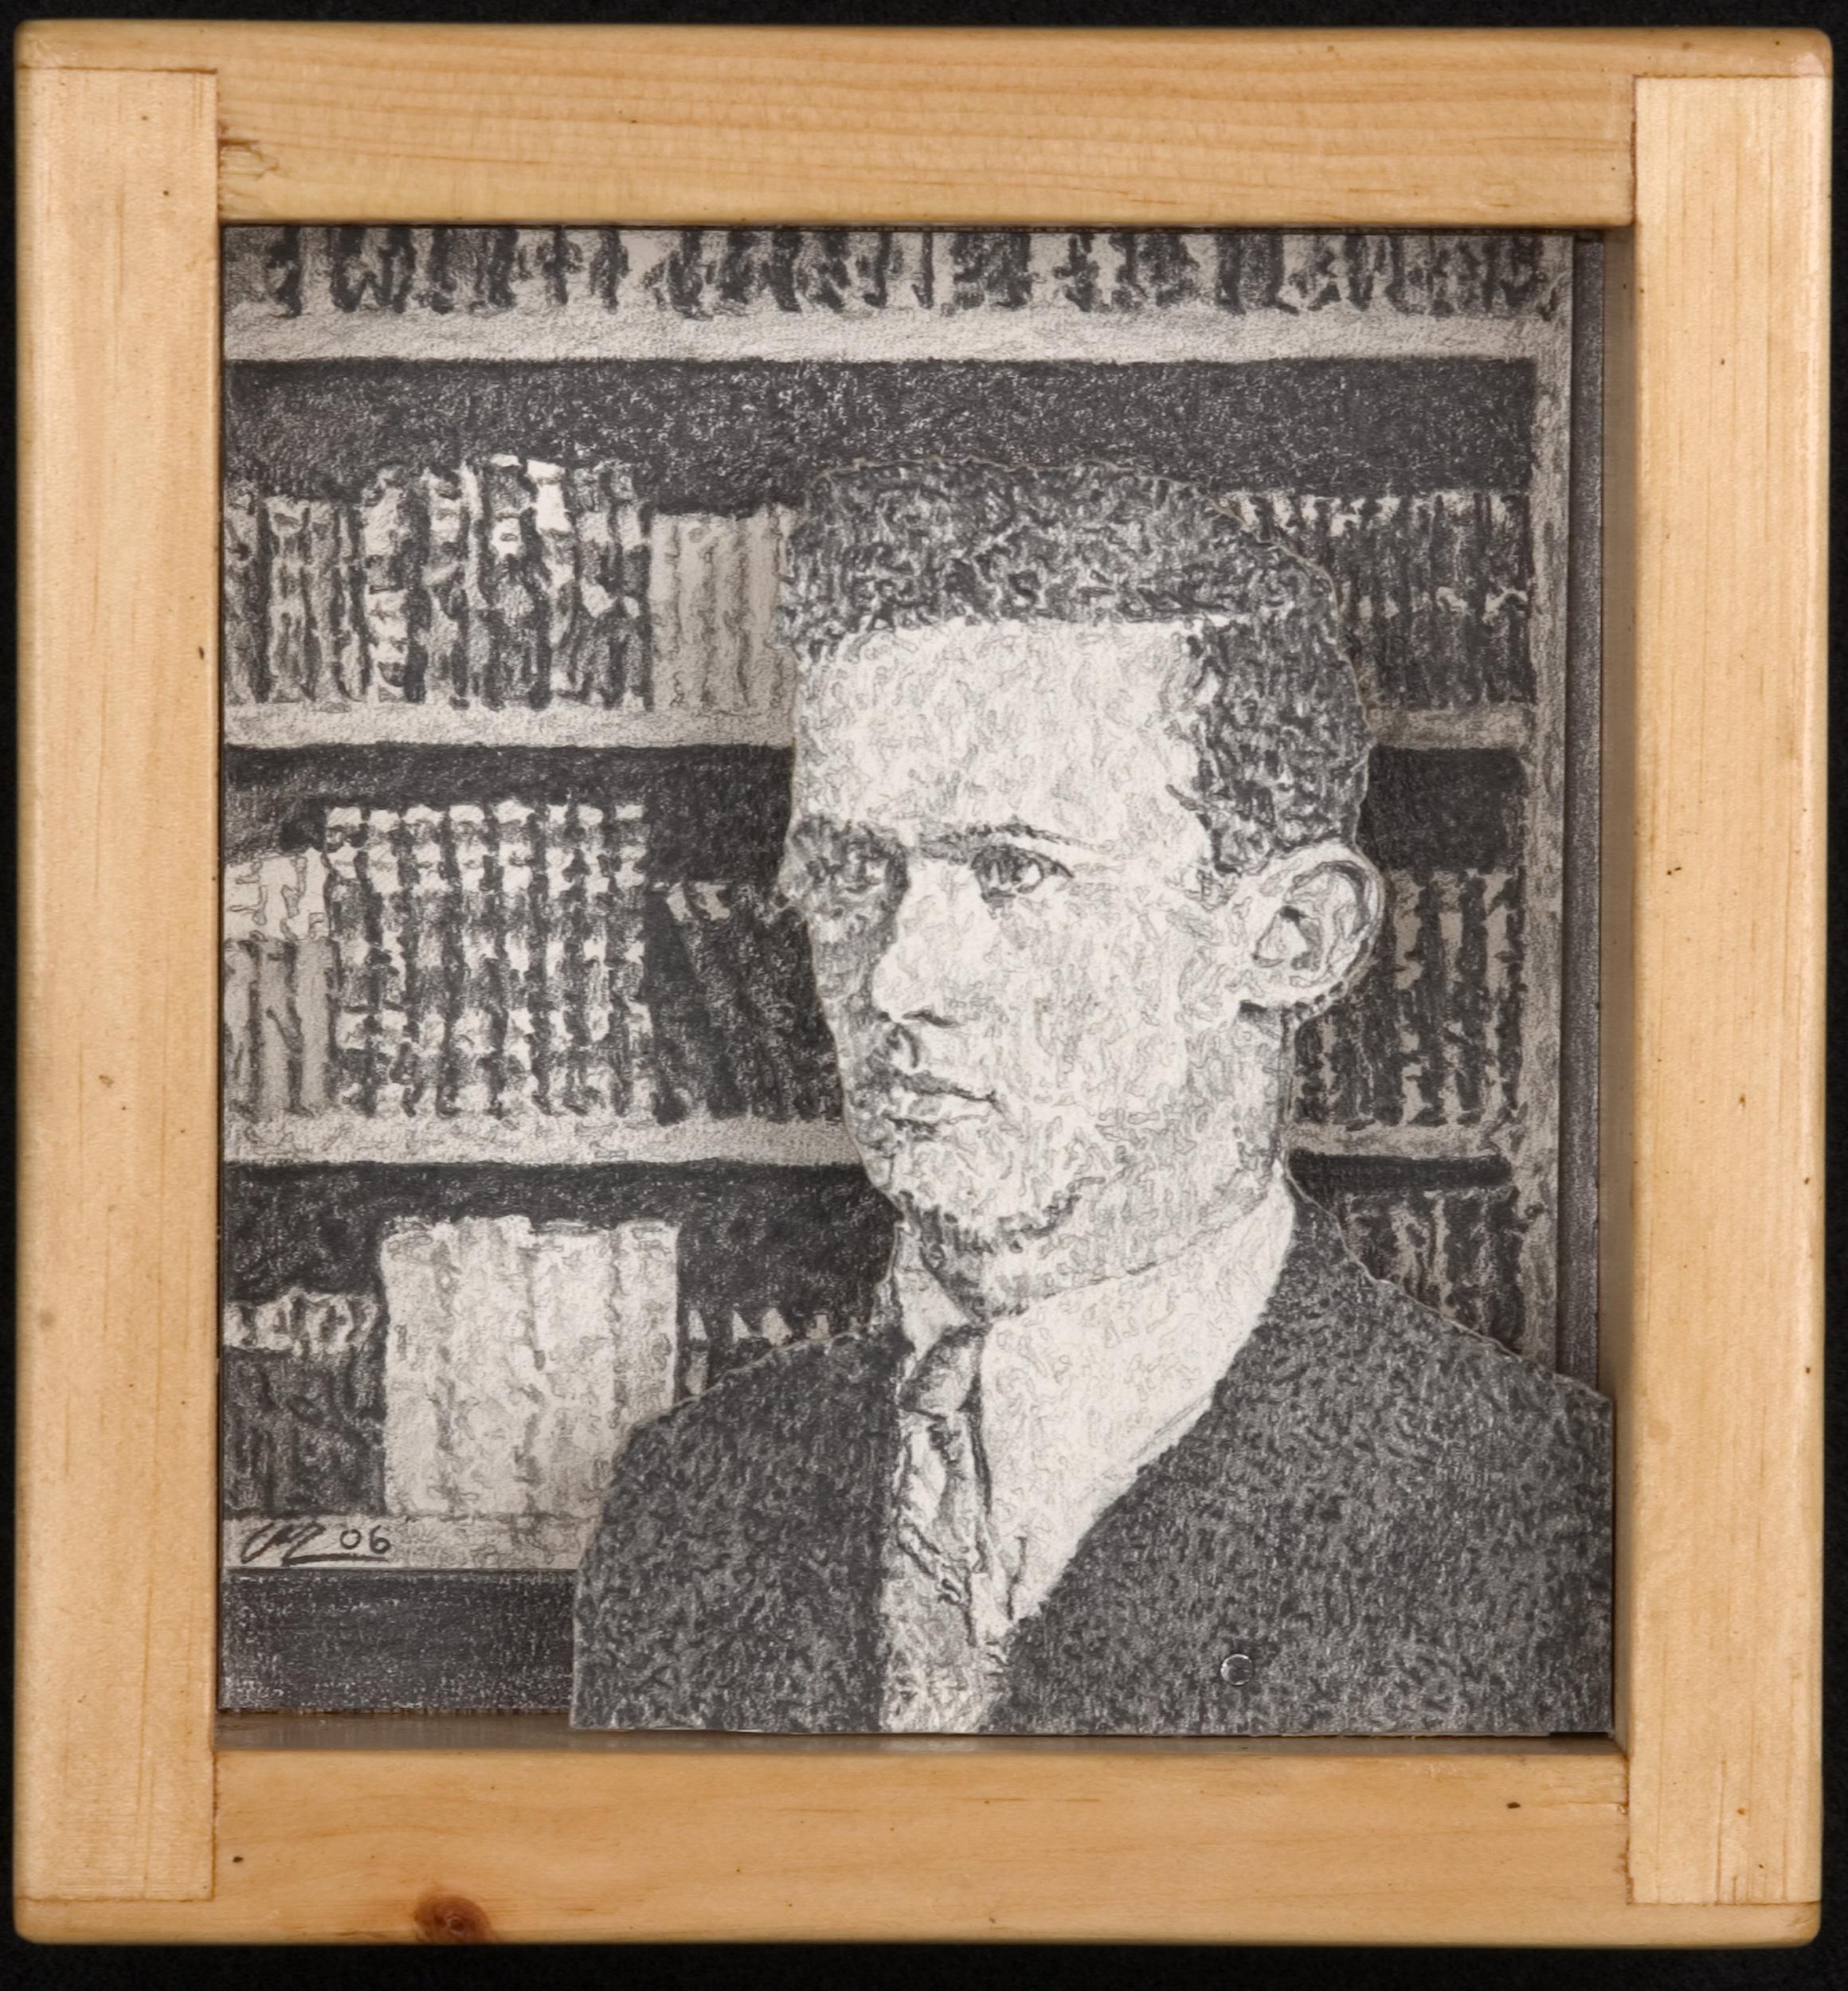 John J. Kilroy